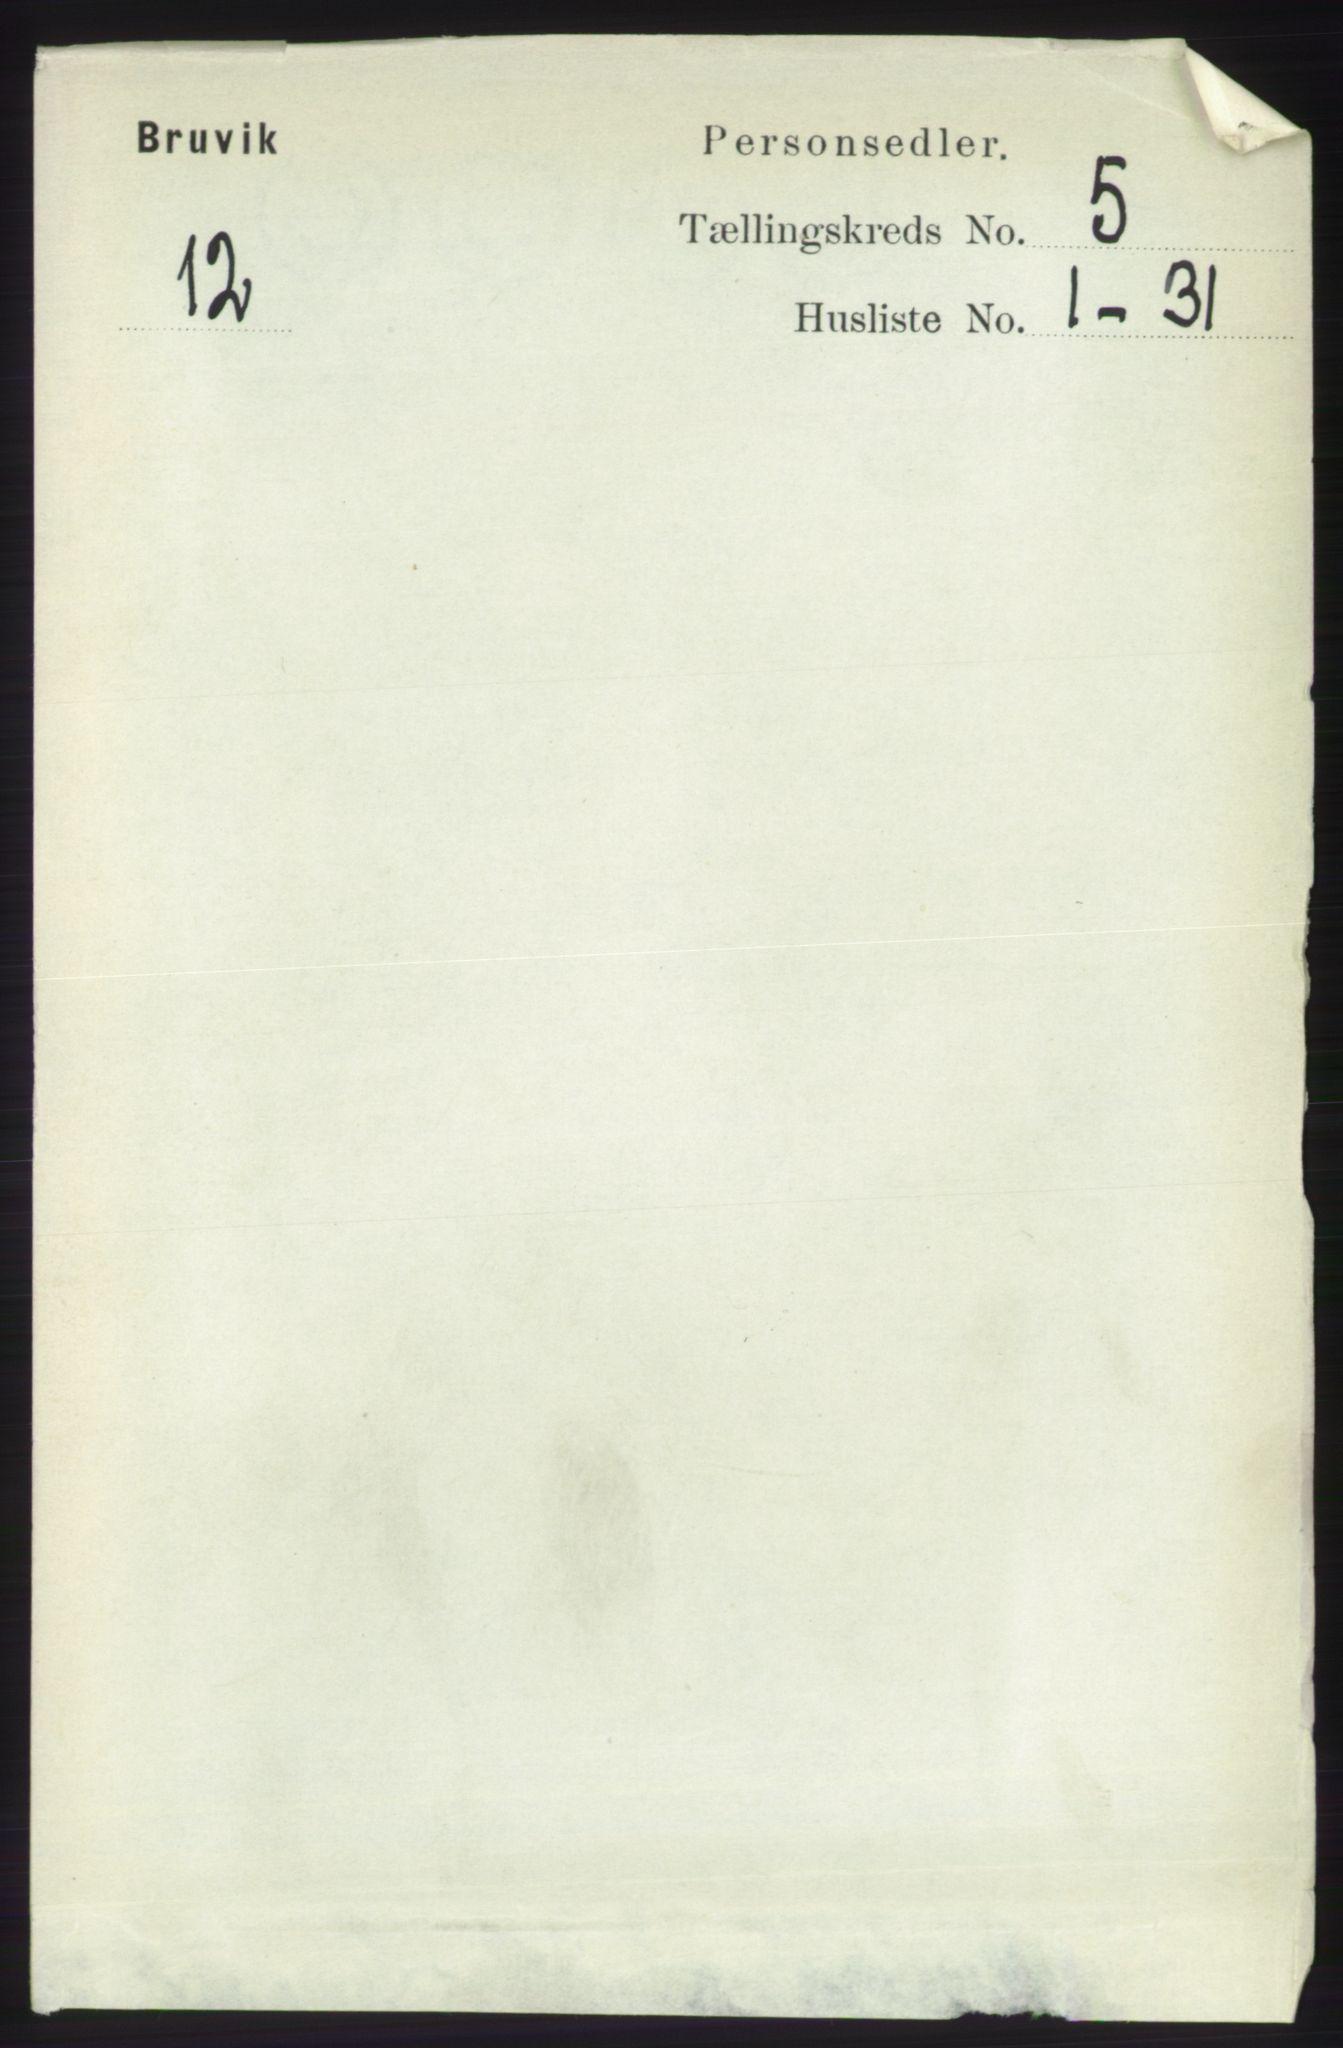 RA, Folketelling 1891 for 1251 Bruvik herred, 1891, s. 1278